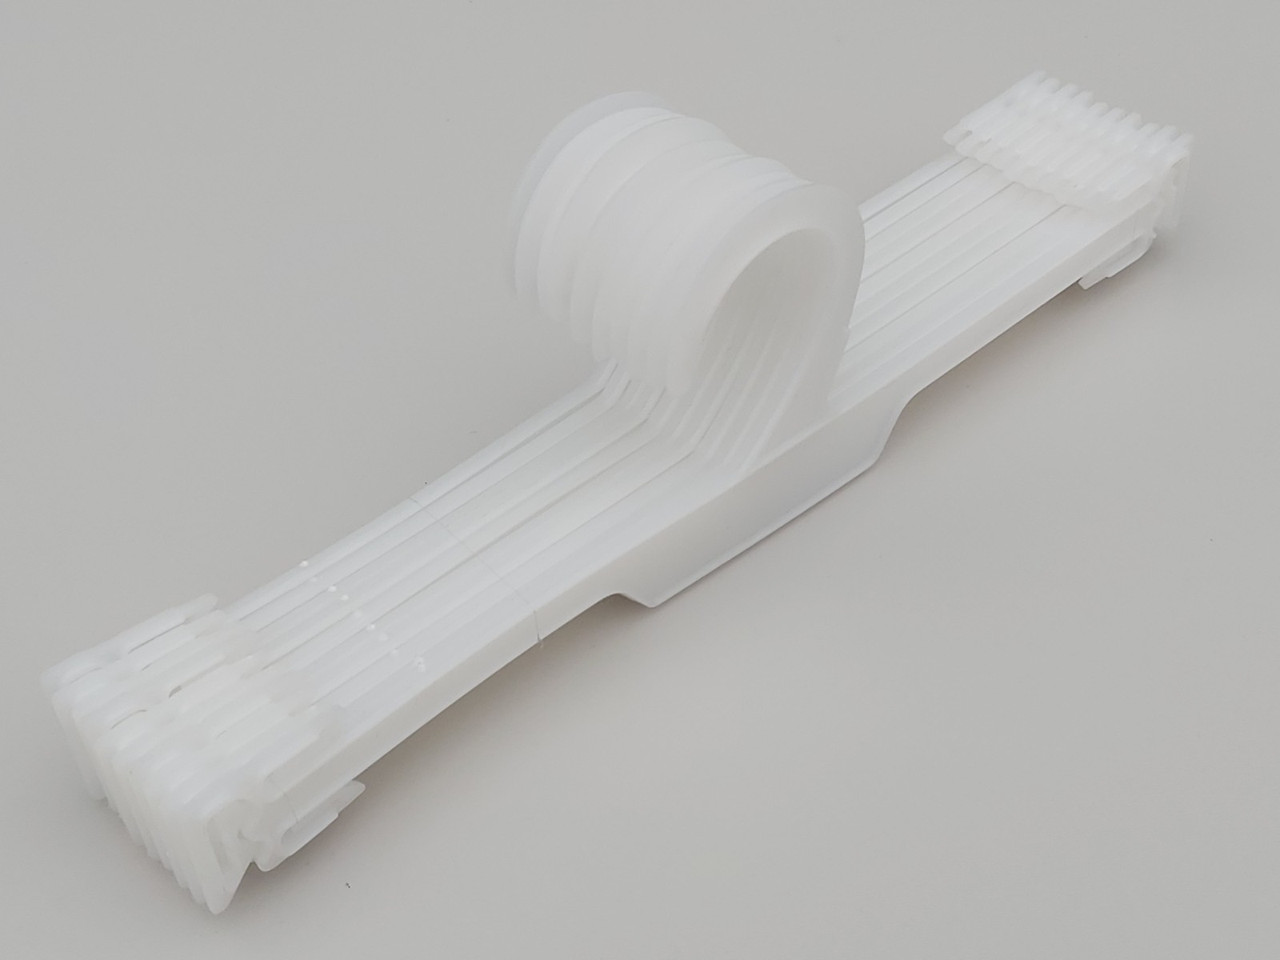 Плечики вешалки пластмассовые для нижнего белья V-N26 матовые, 26 см, 10 штук в упаковке